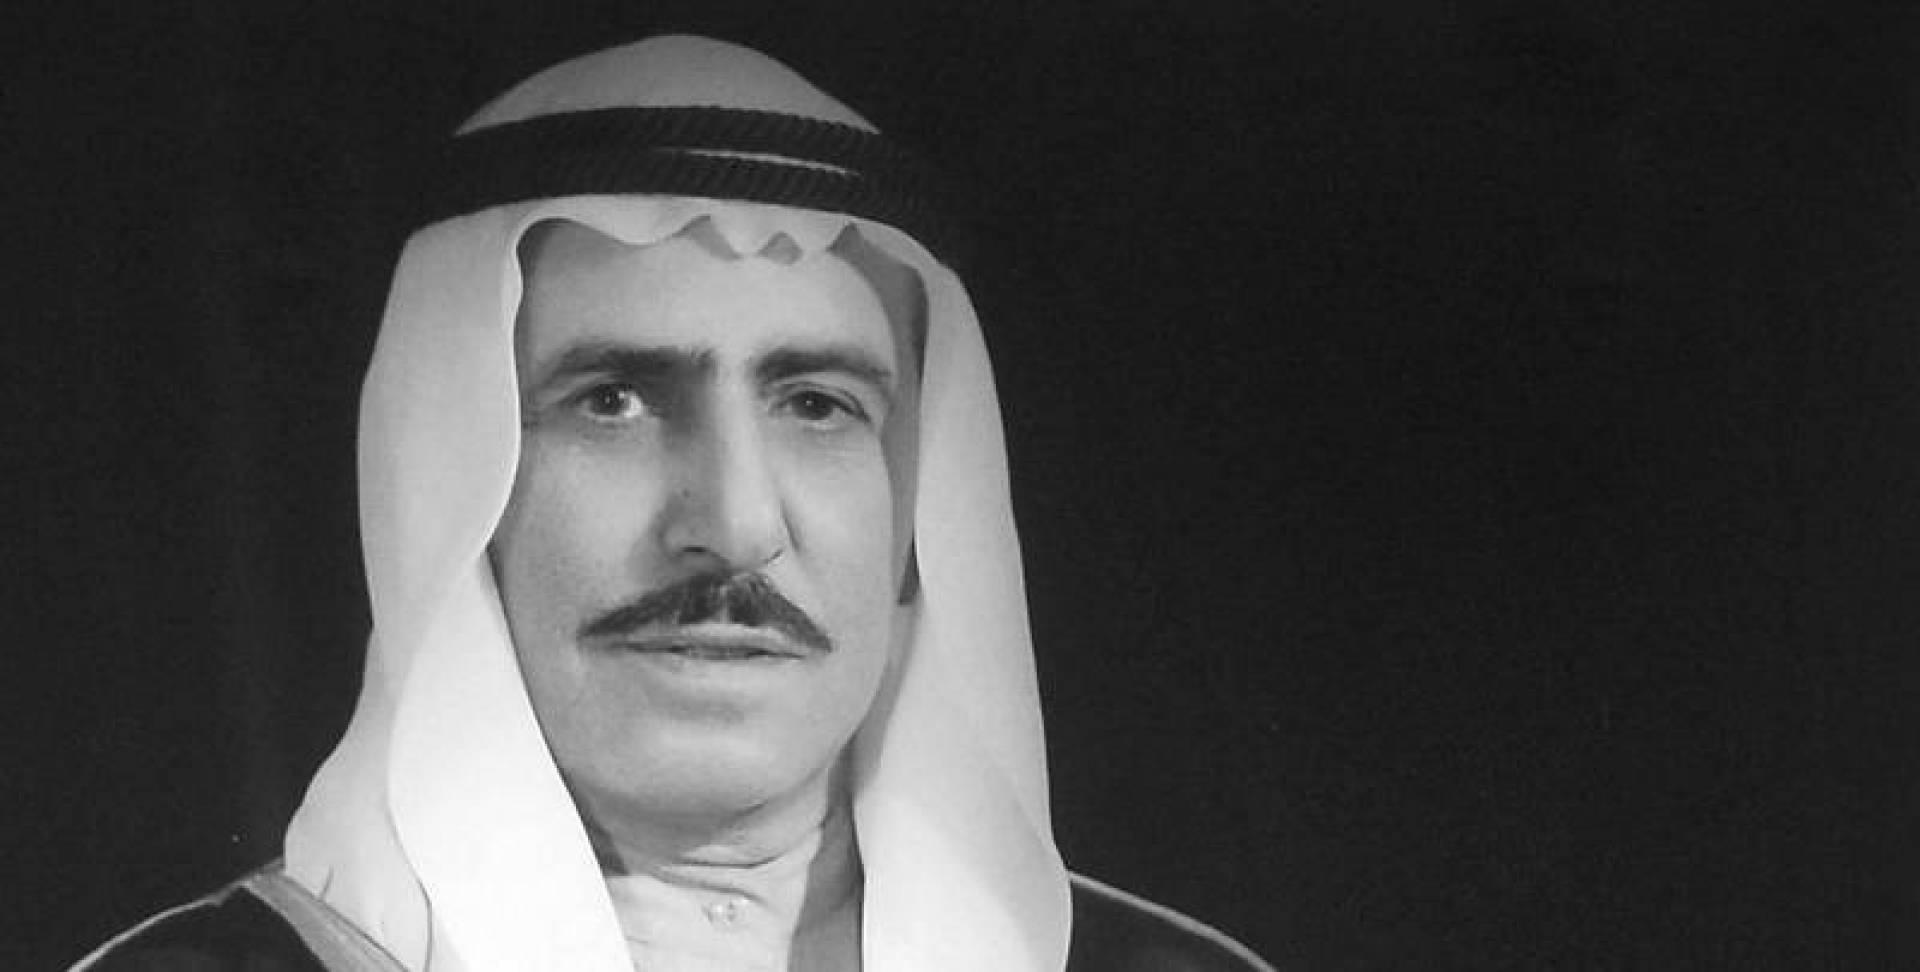 الشيخ صباح السالم الصباح.. صورة أرشيفية